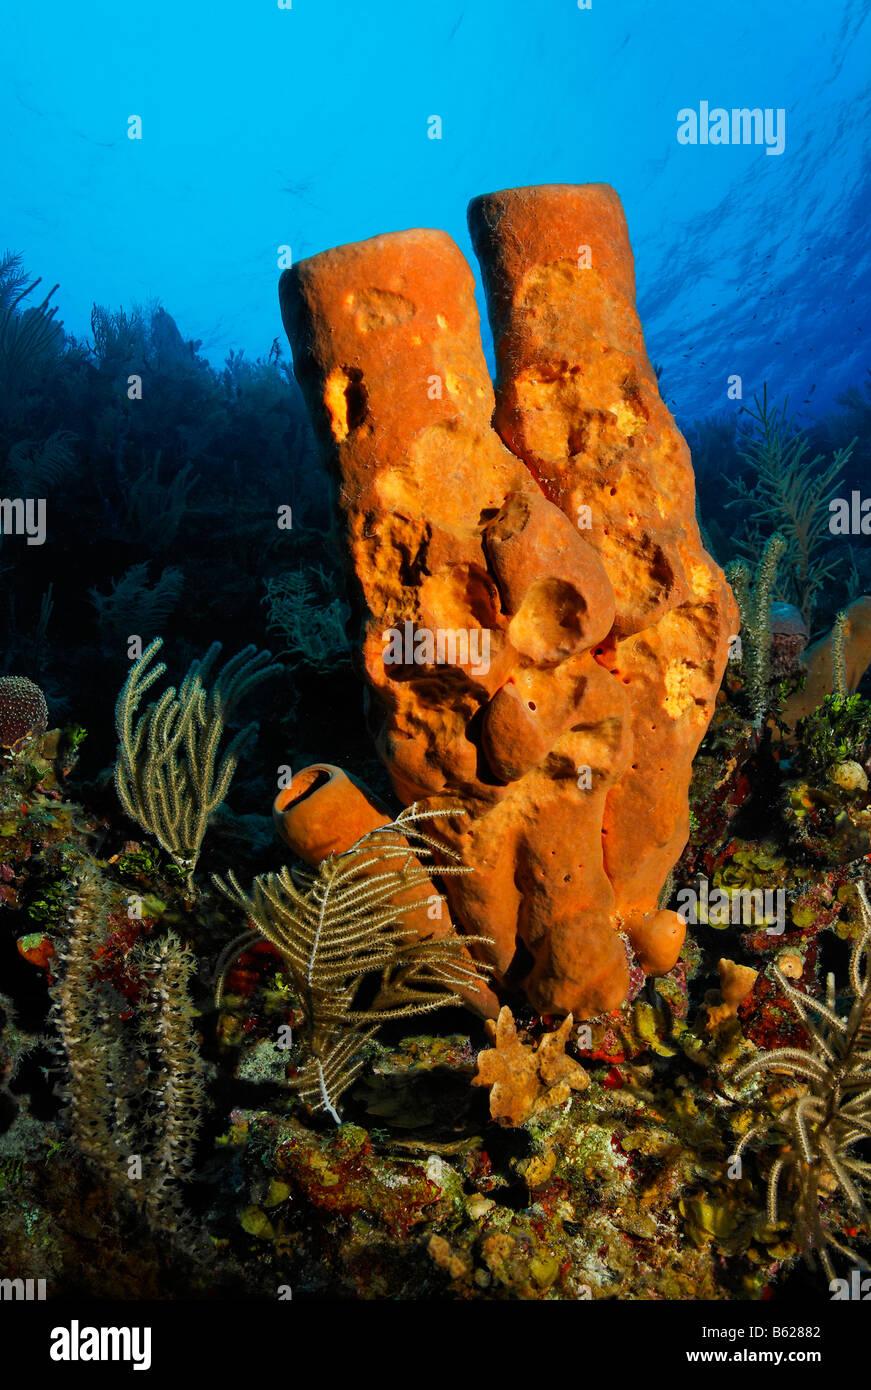 Gelbe Rohr Schwamm (Aplysina Fistularis) von Fisch stehen am Rand einer Klippe in einem Korallenriff, Hopkins, Dangria, Stockbild